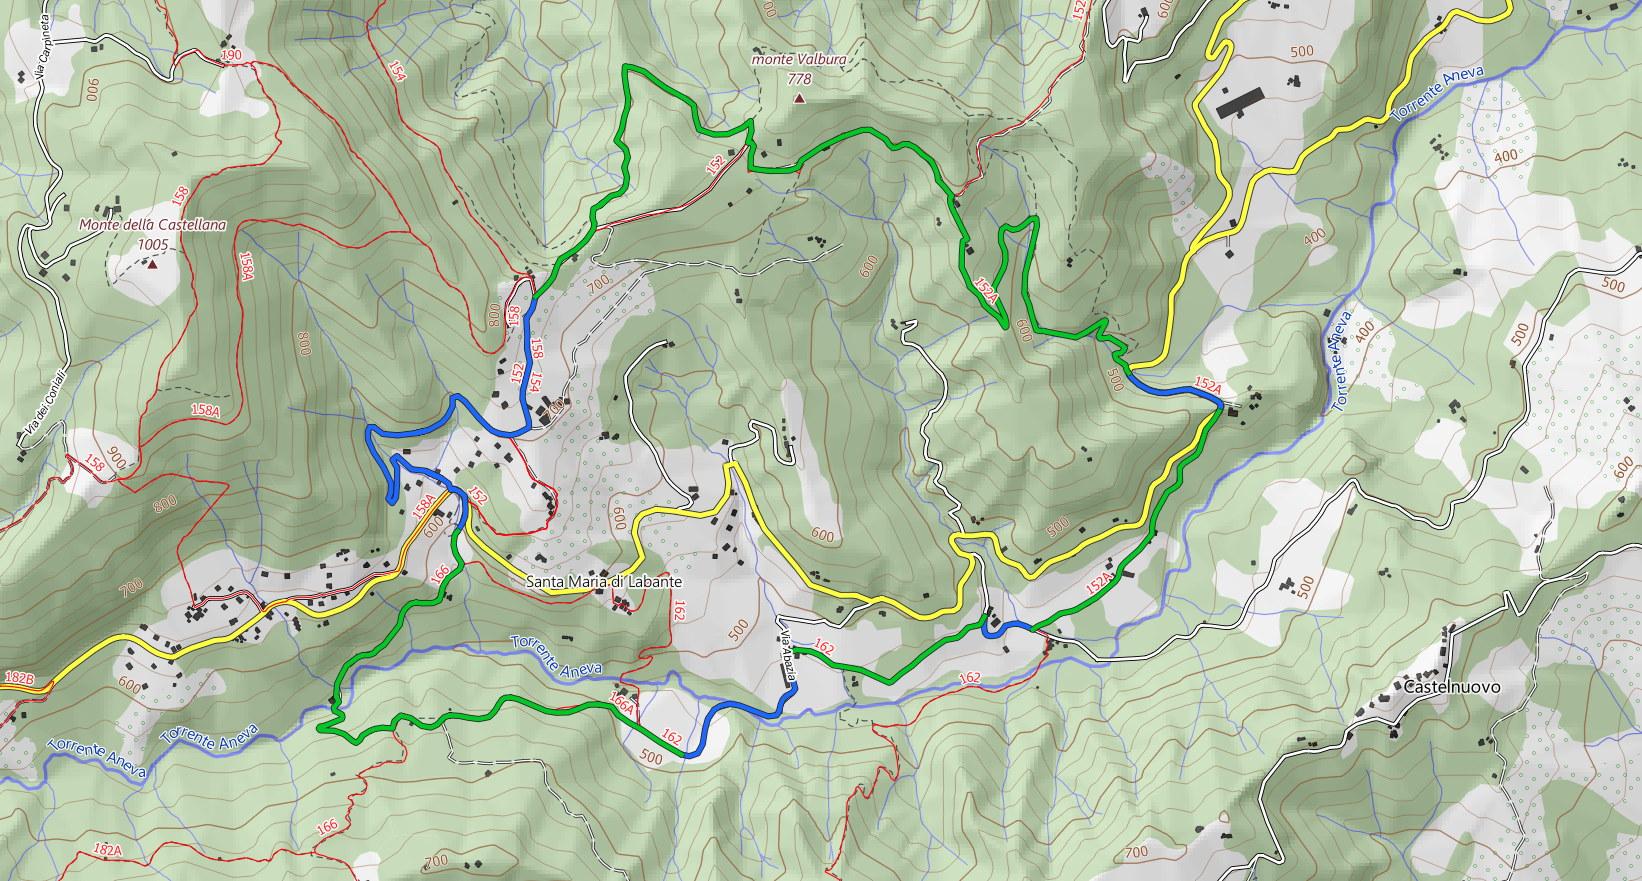 Scarica la mappa topografica di Grotte di Labante e Sentiero delle Tane